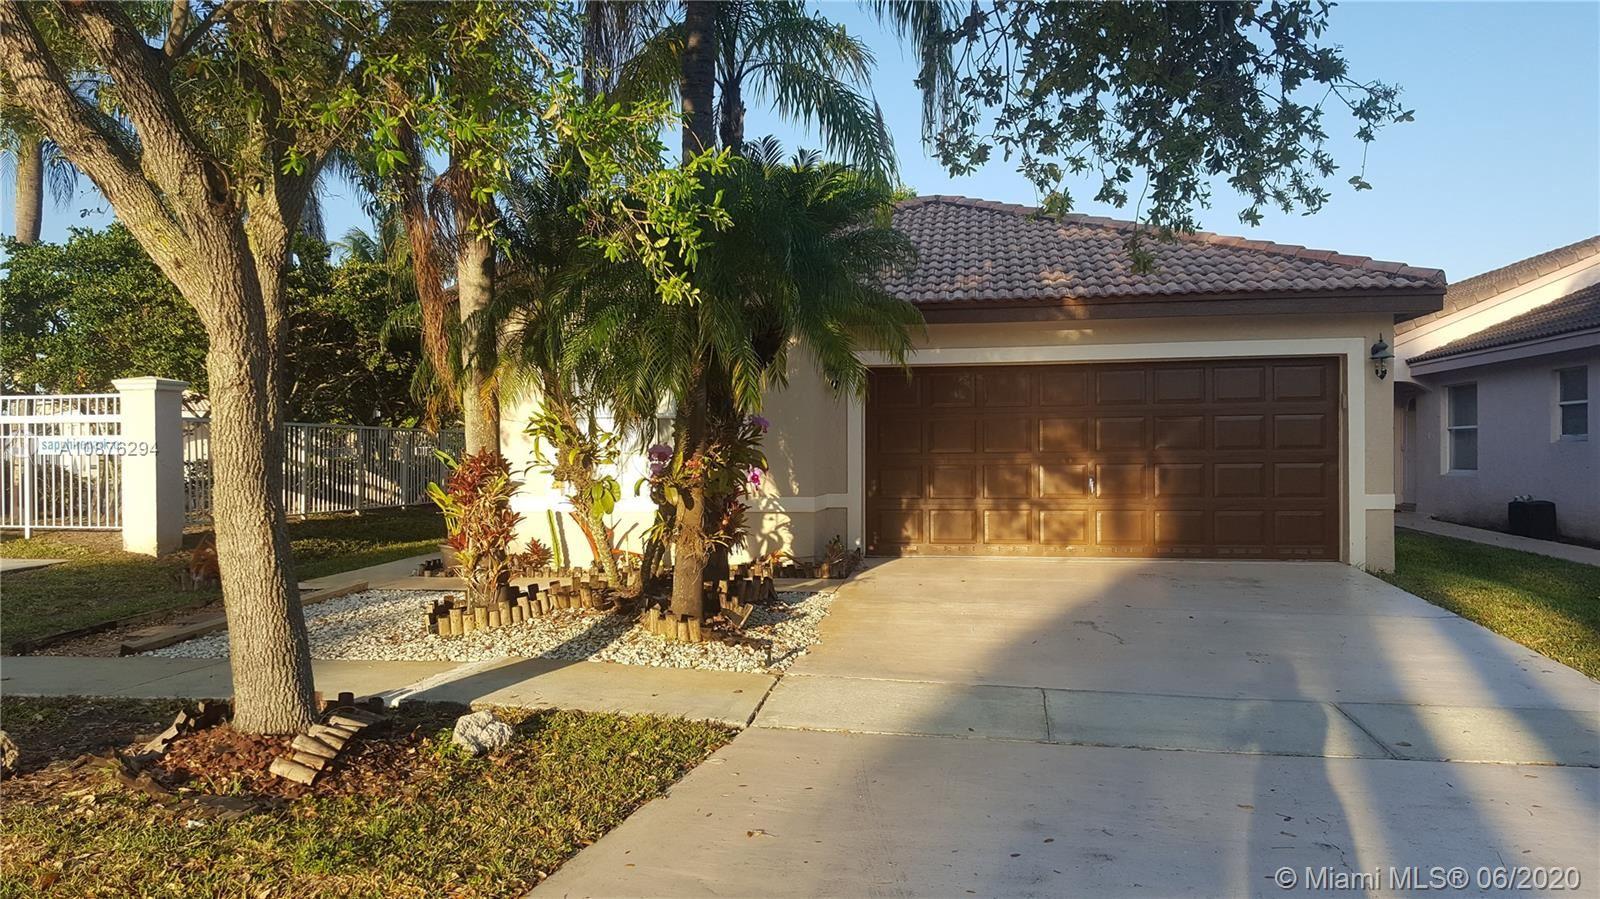 2607 SW 177th Ave, Miramar, FL 33029 - #: A10876294